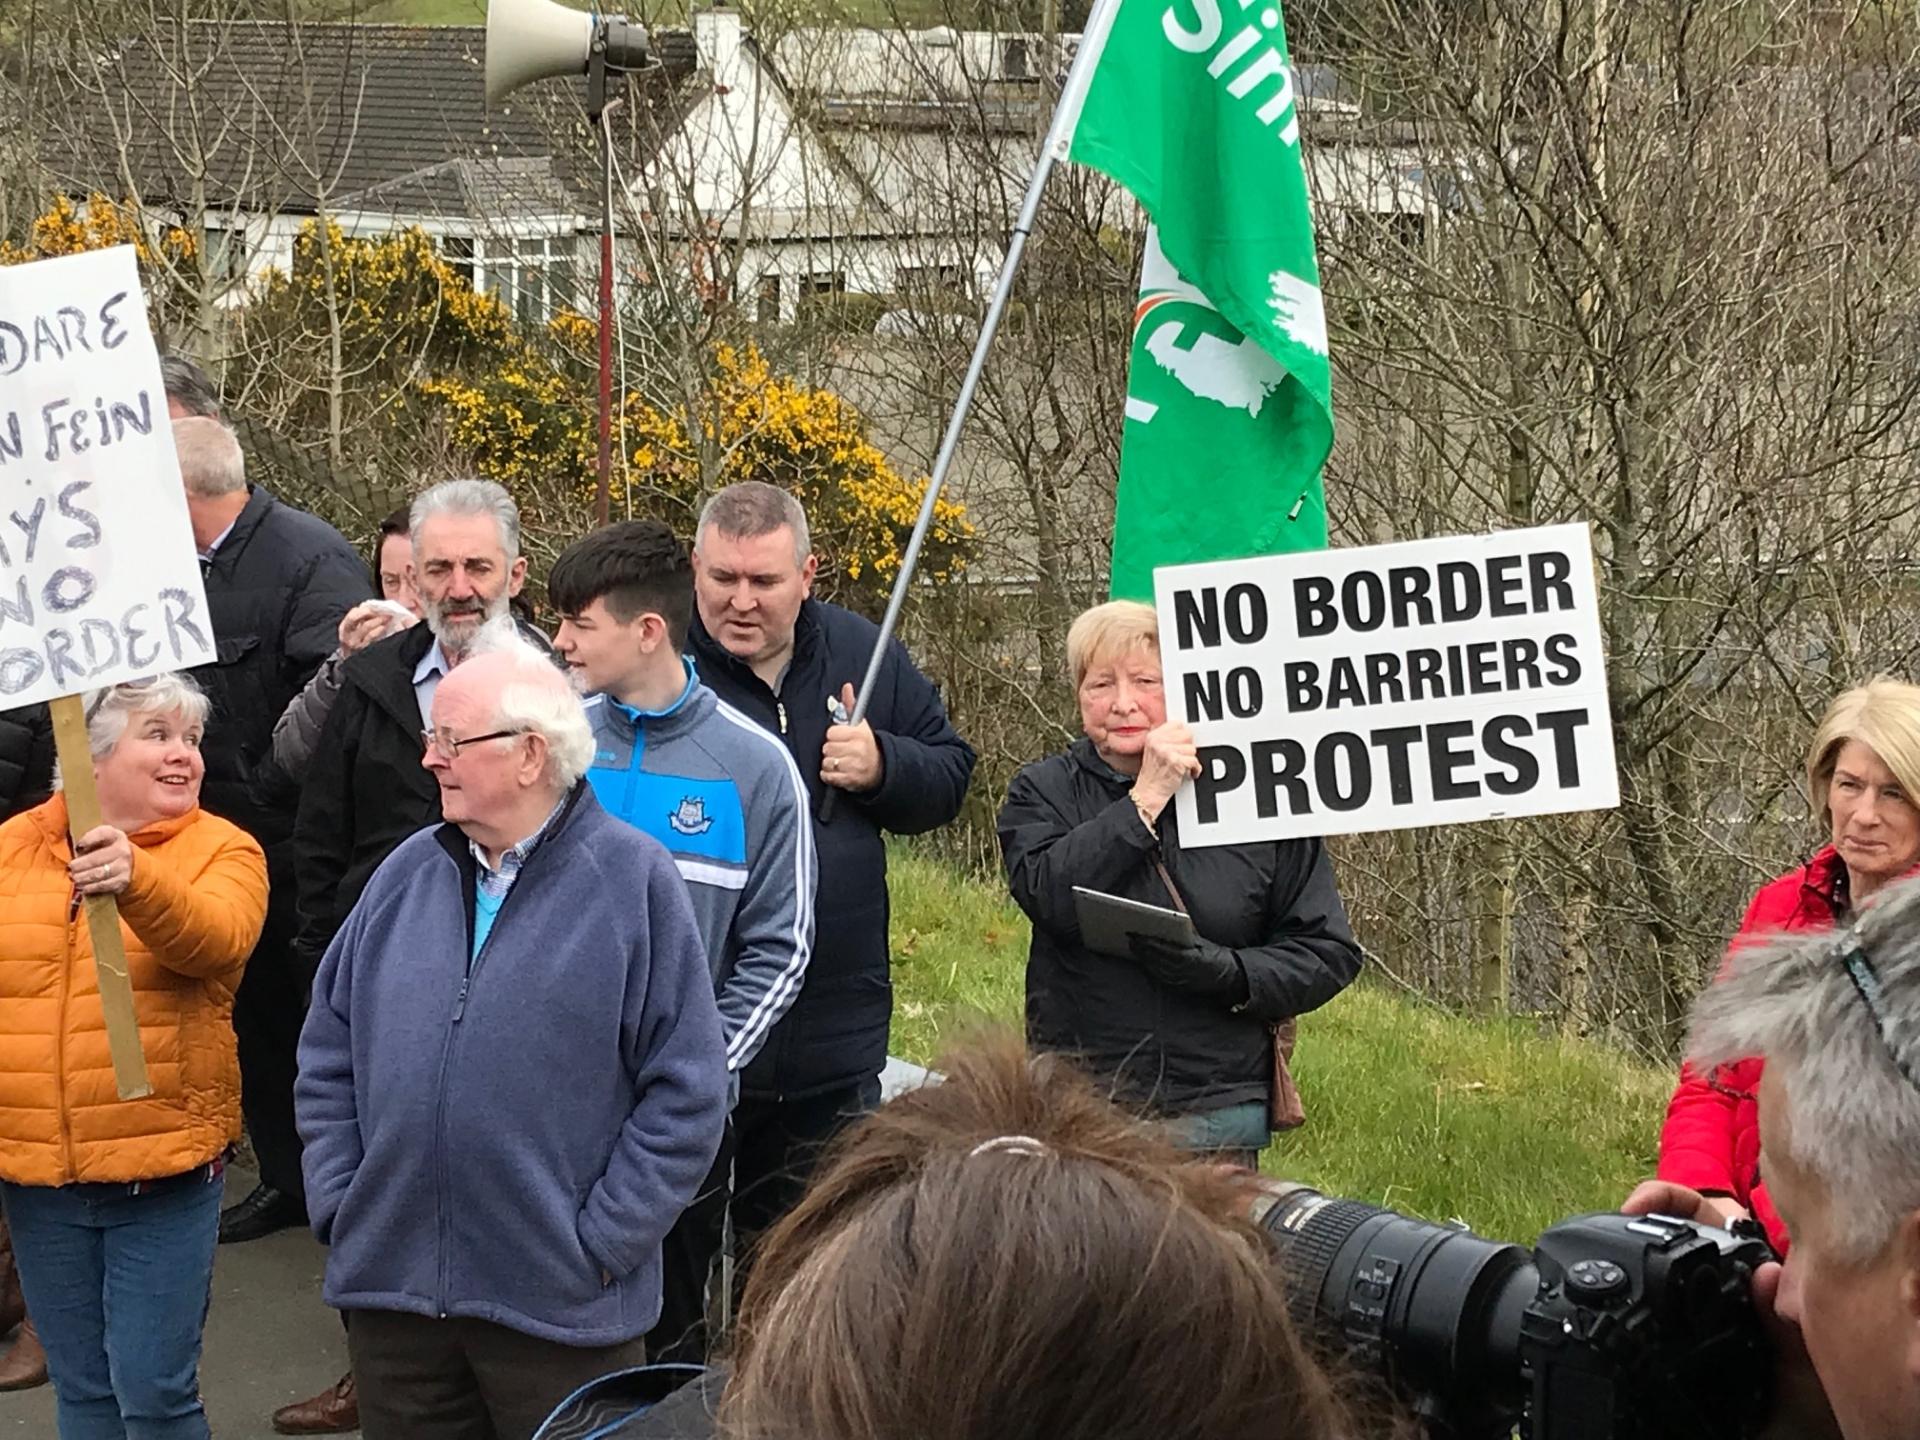 Ireland won't be 'back door' into EU if no-deal Brexit: Irish PM